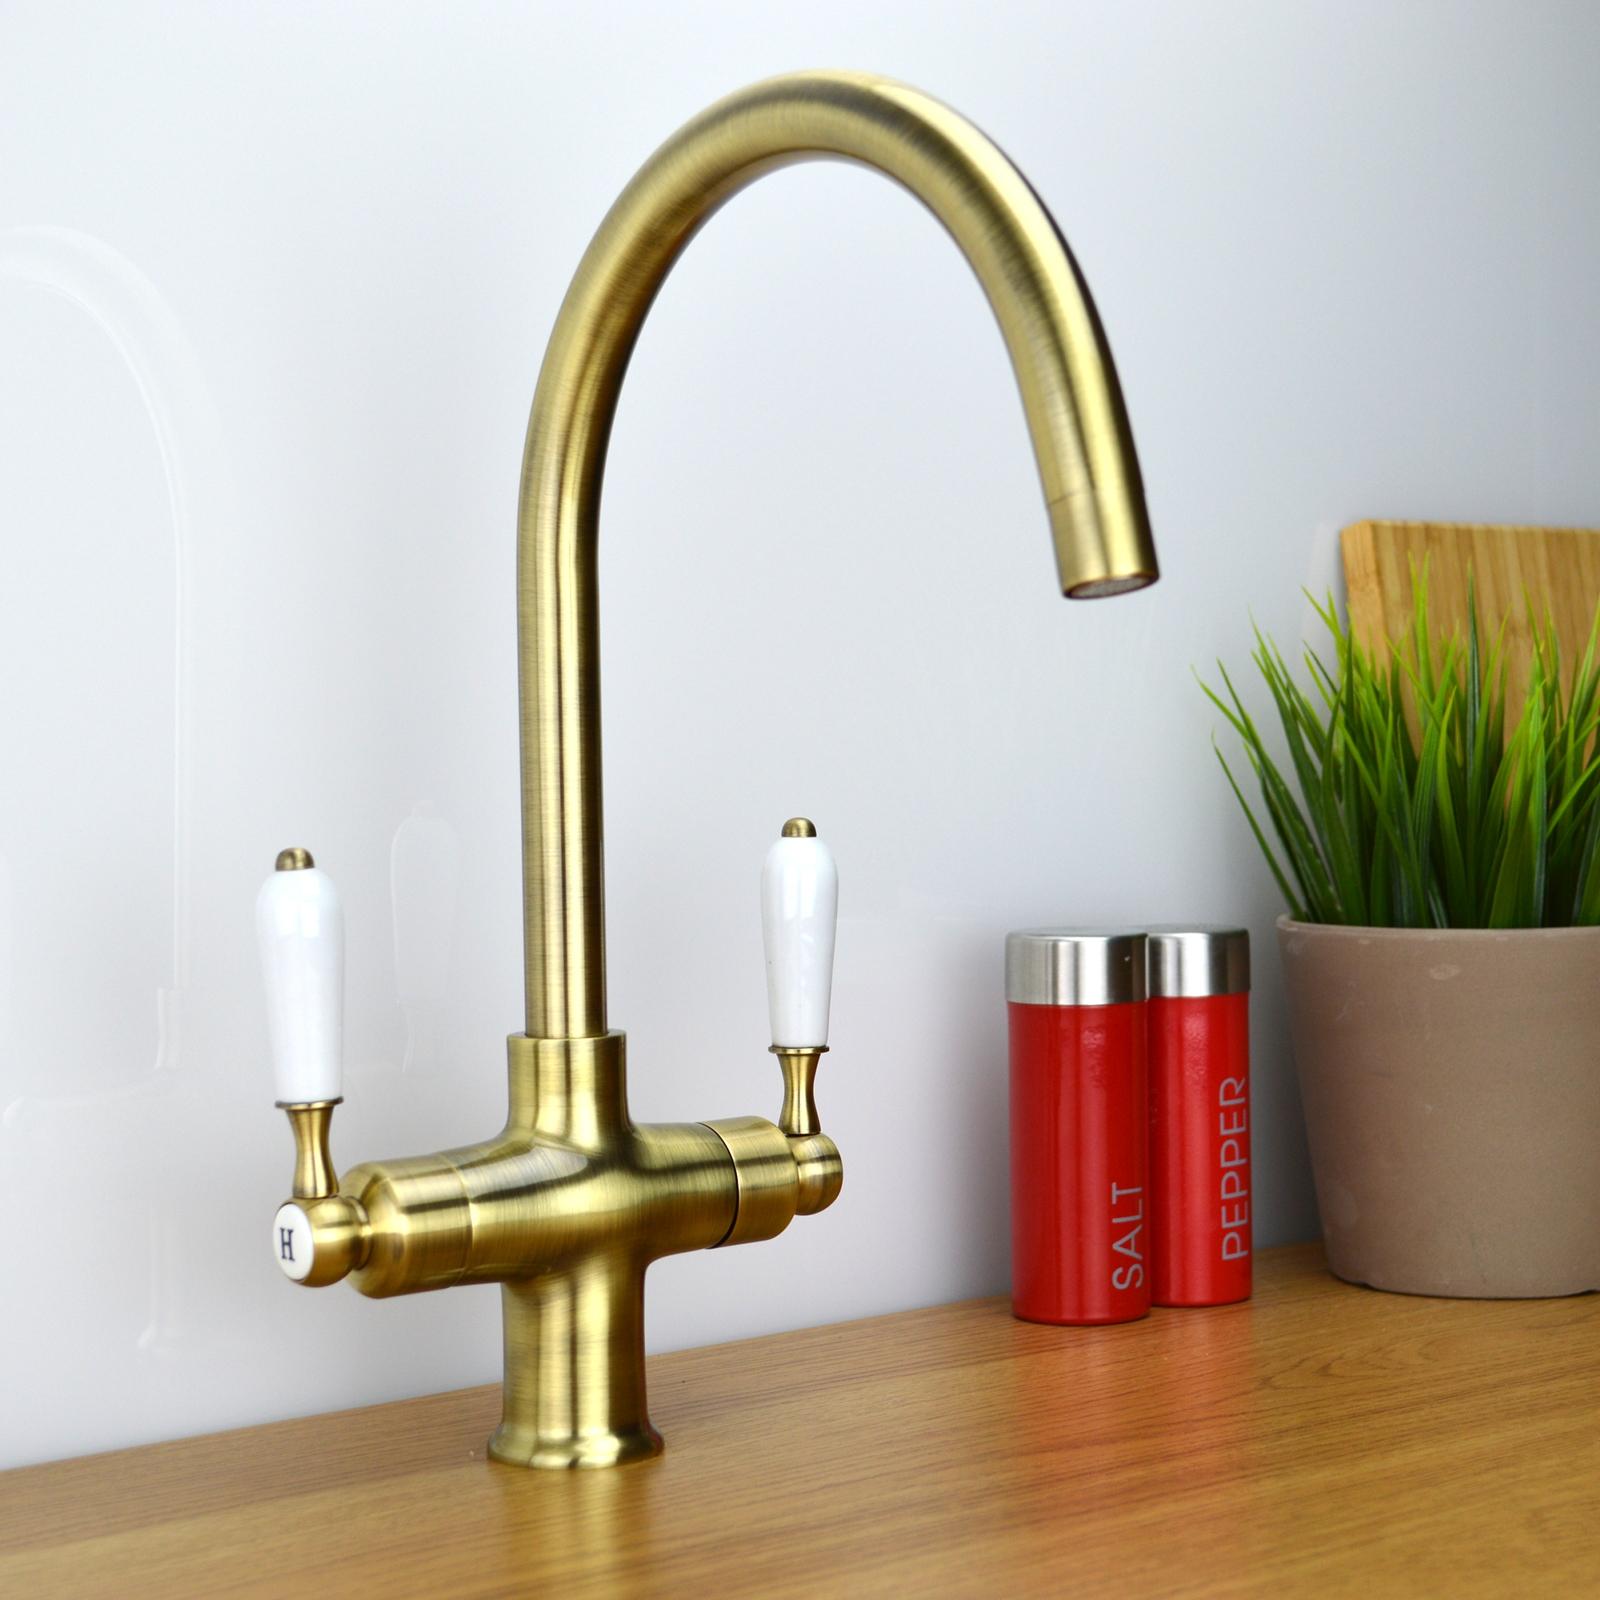 new kitchen sink water pressure - taste